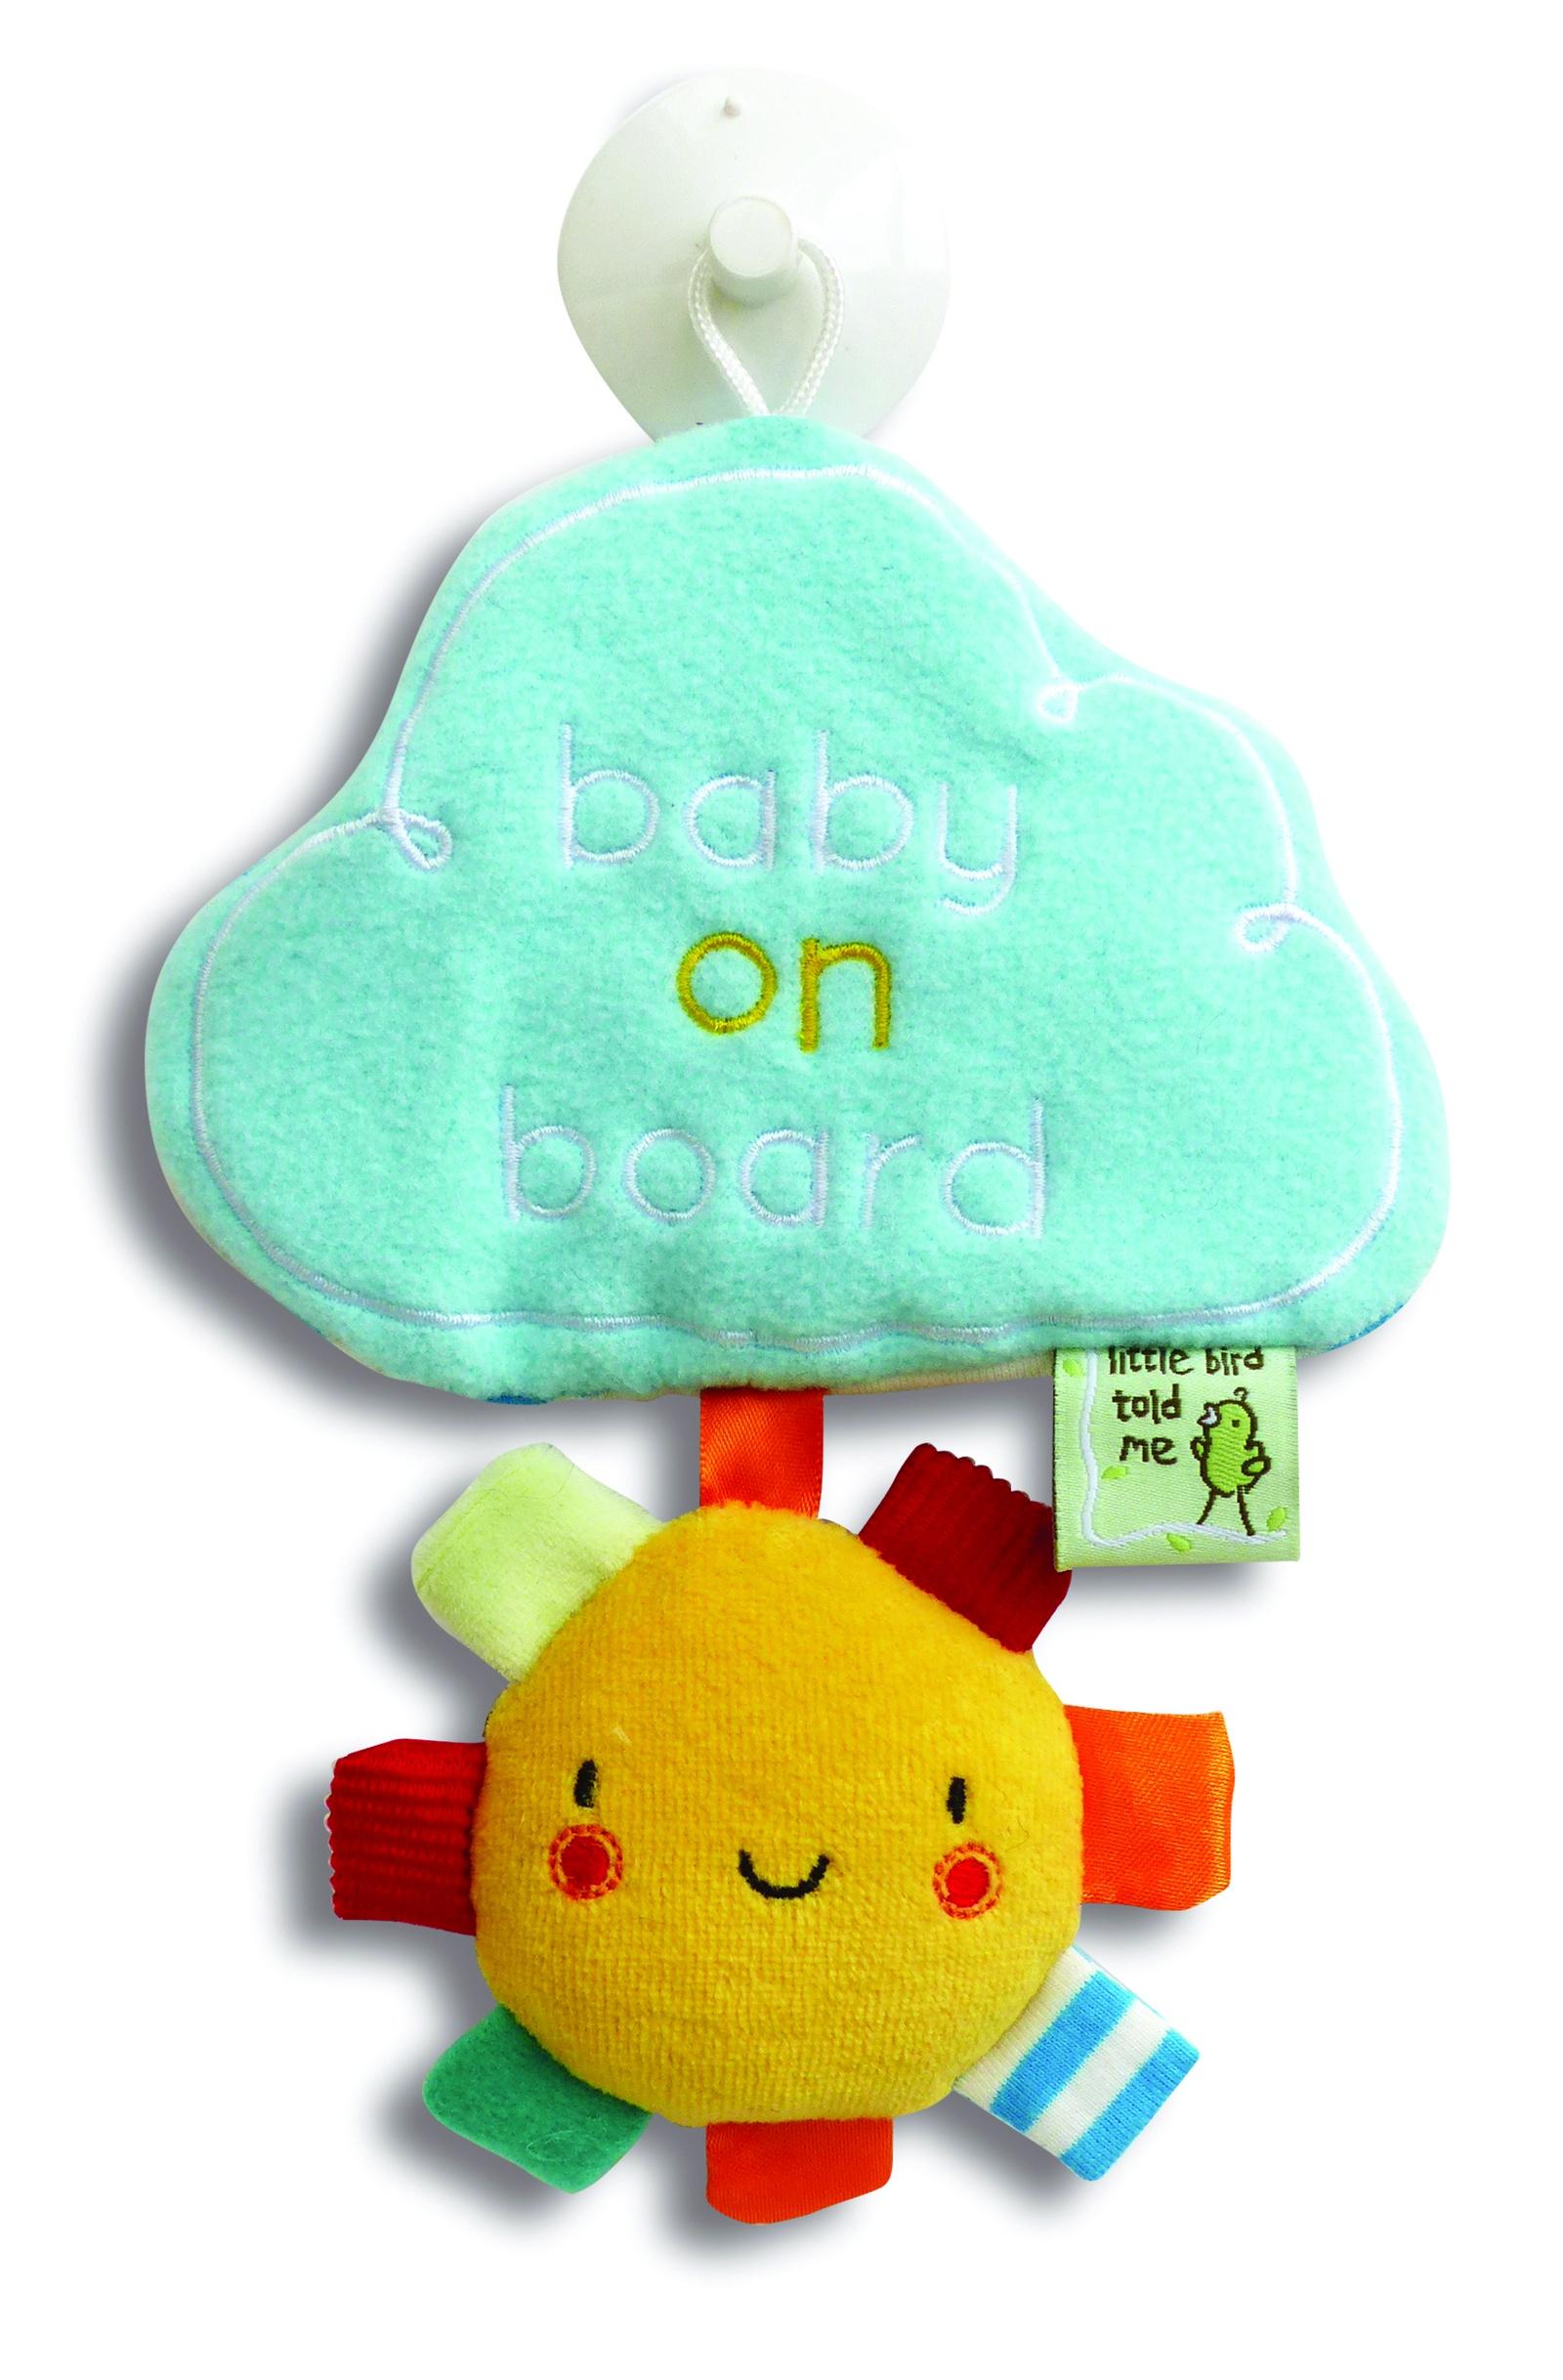 Мягкая игрушка Little Bird Told Me Развивающая игрушка голубой little bird told me развивающий коврик щенок